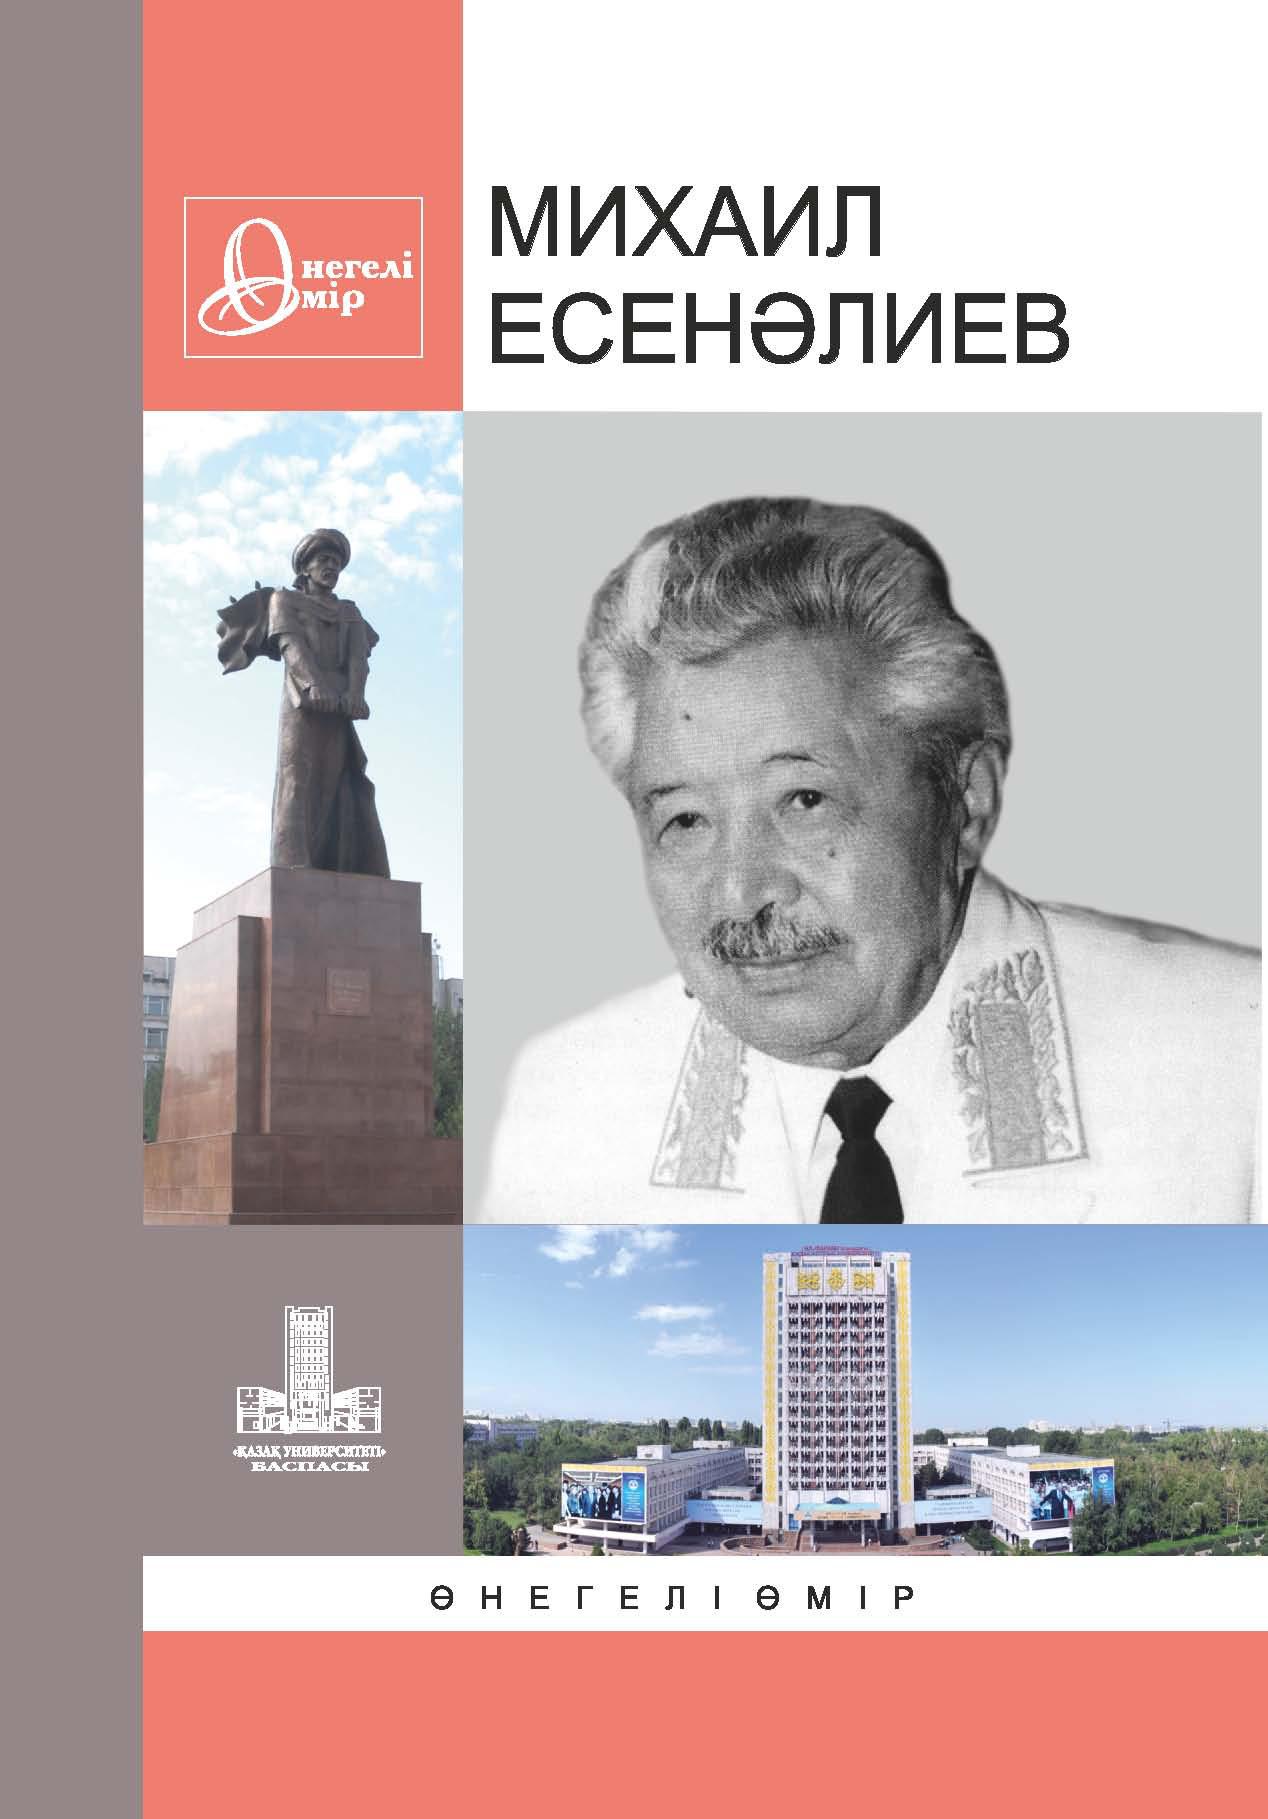 Михаил Есенәлиев: Өнегелі өмір. 26-шығ.